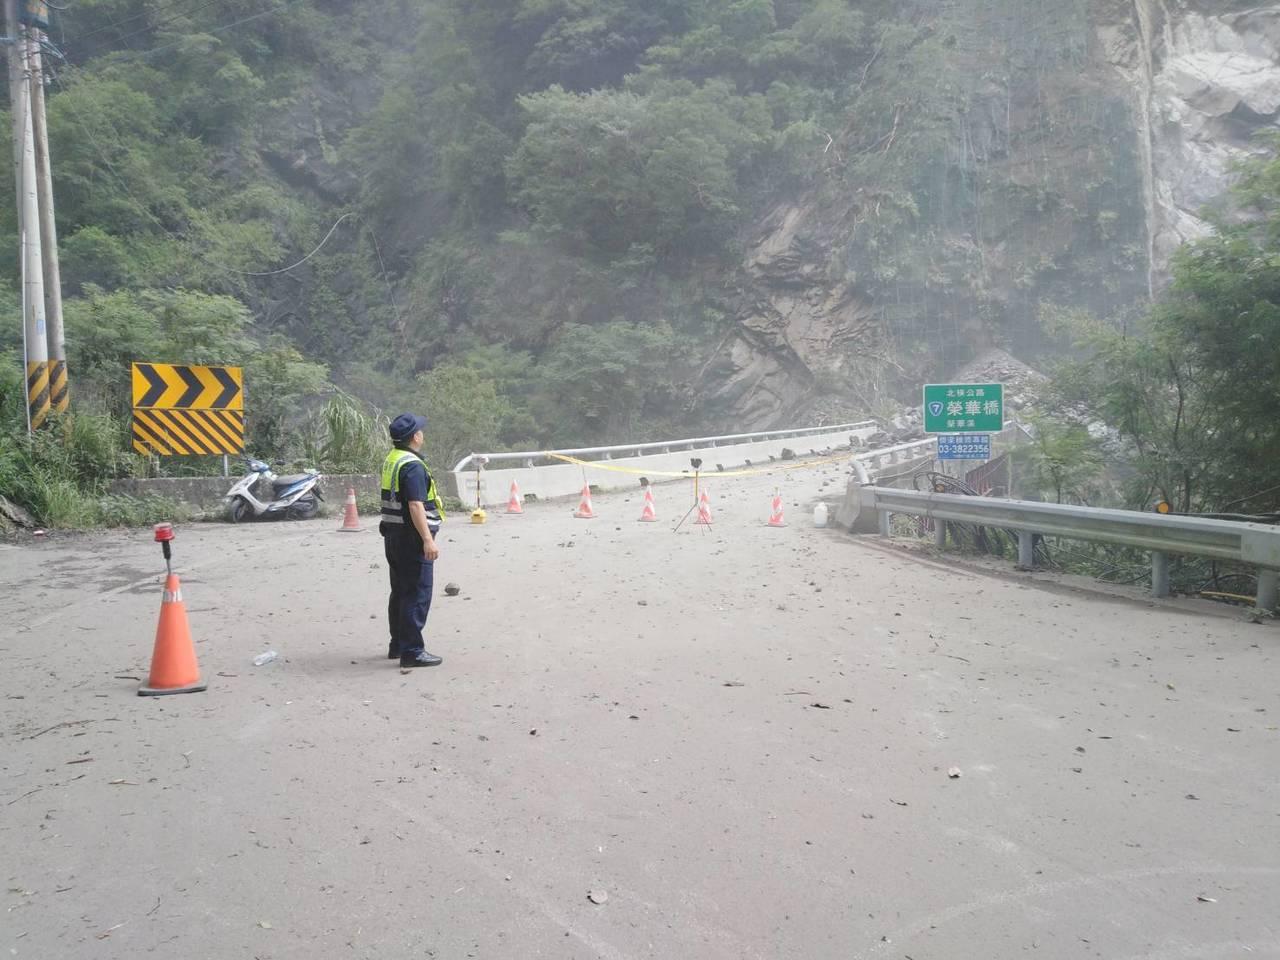 大溪警分局榮華派出所員警在現場管制人車靠近。記者鄭國樑/翻攝